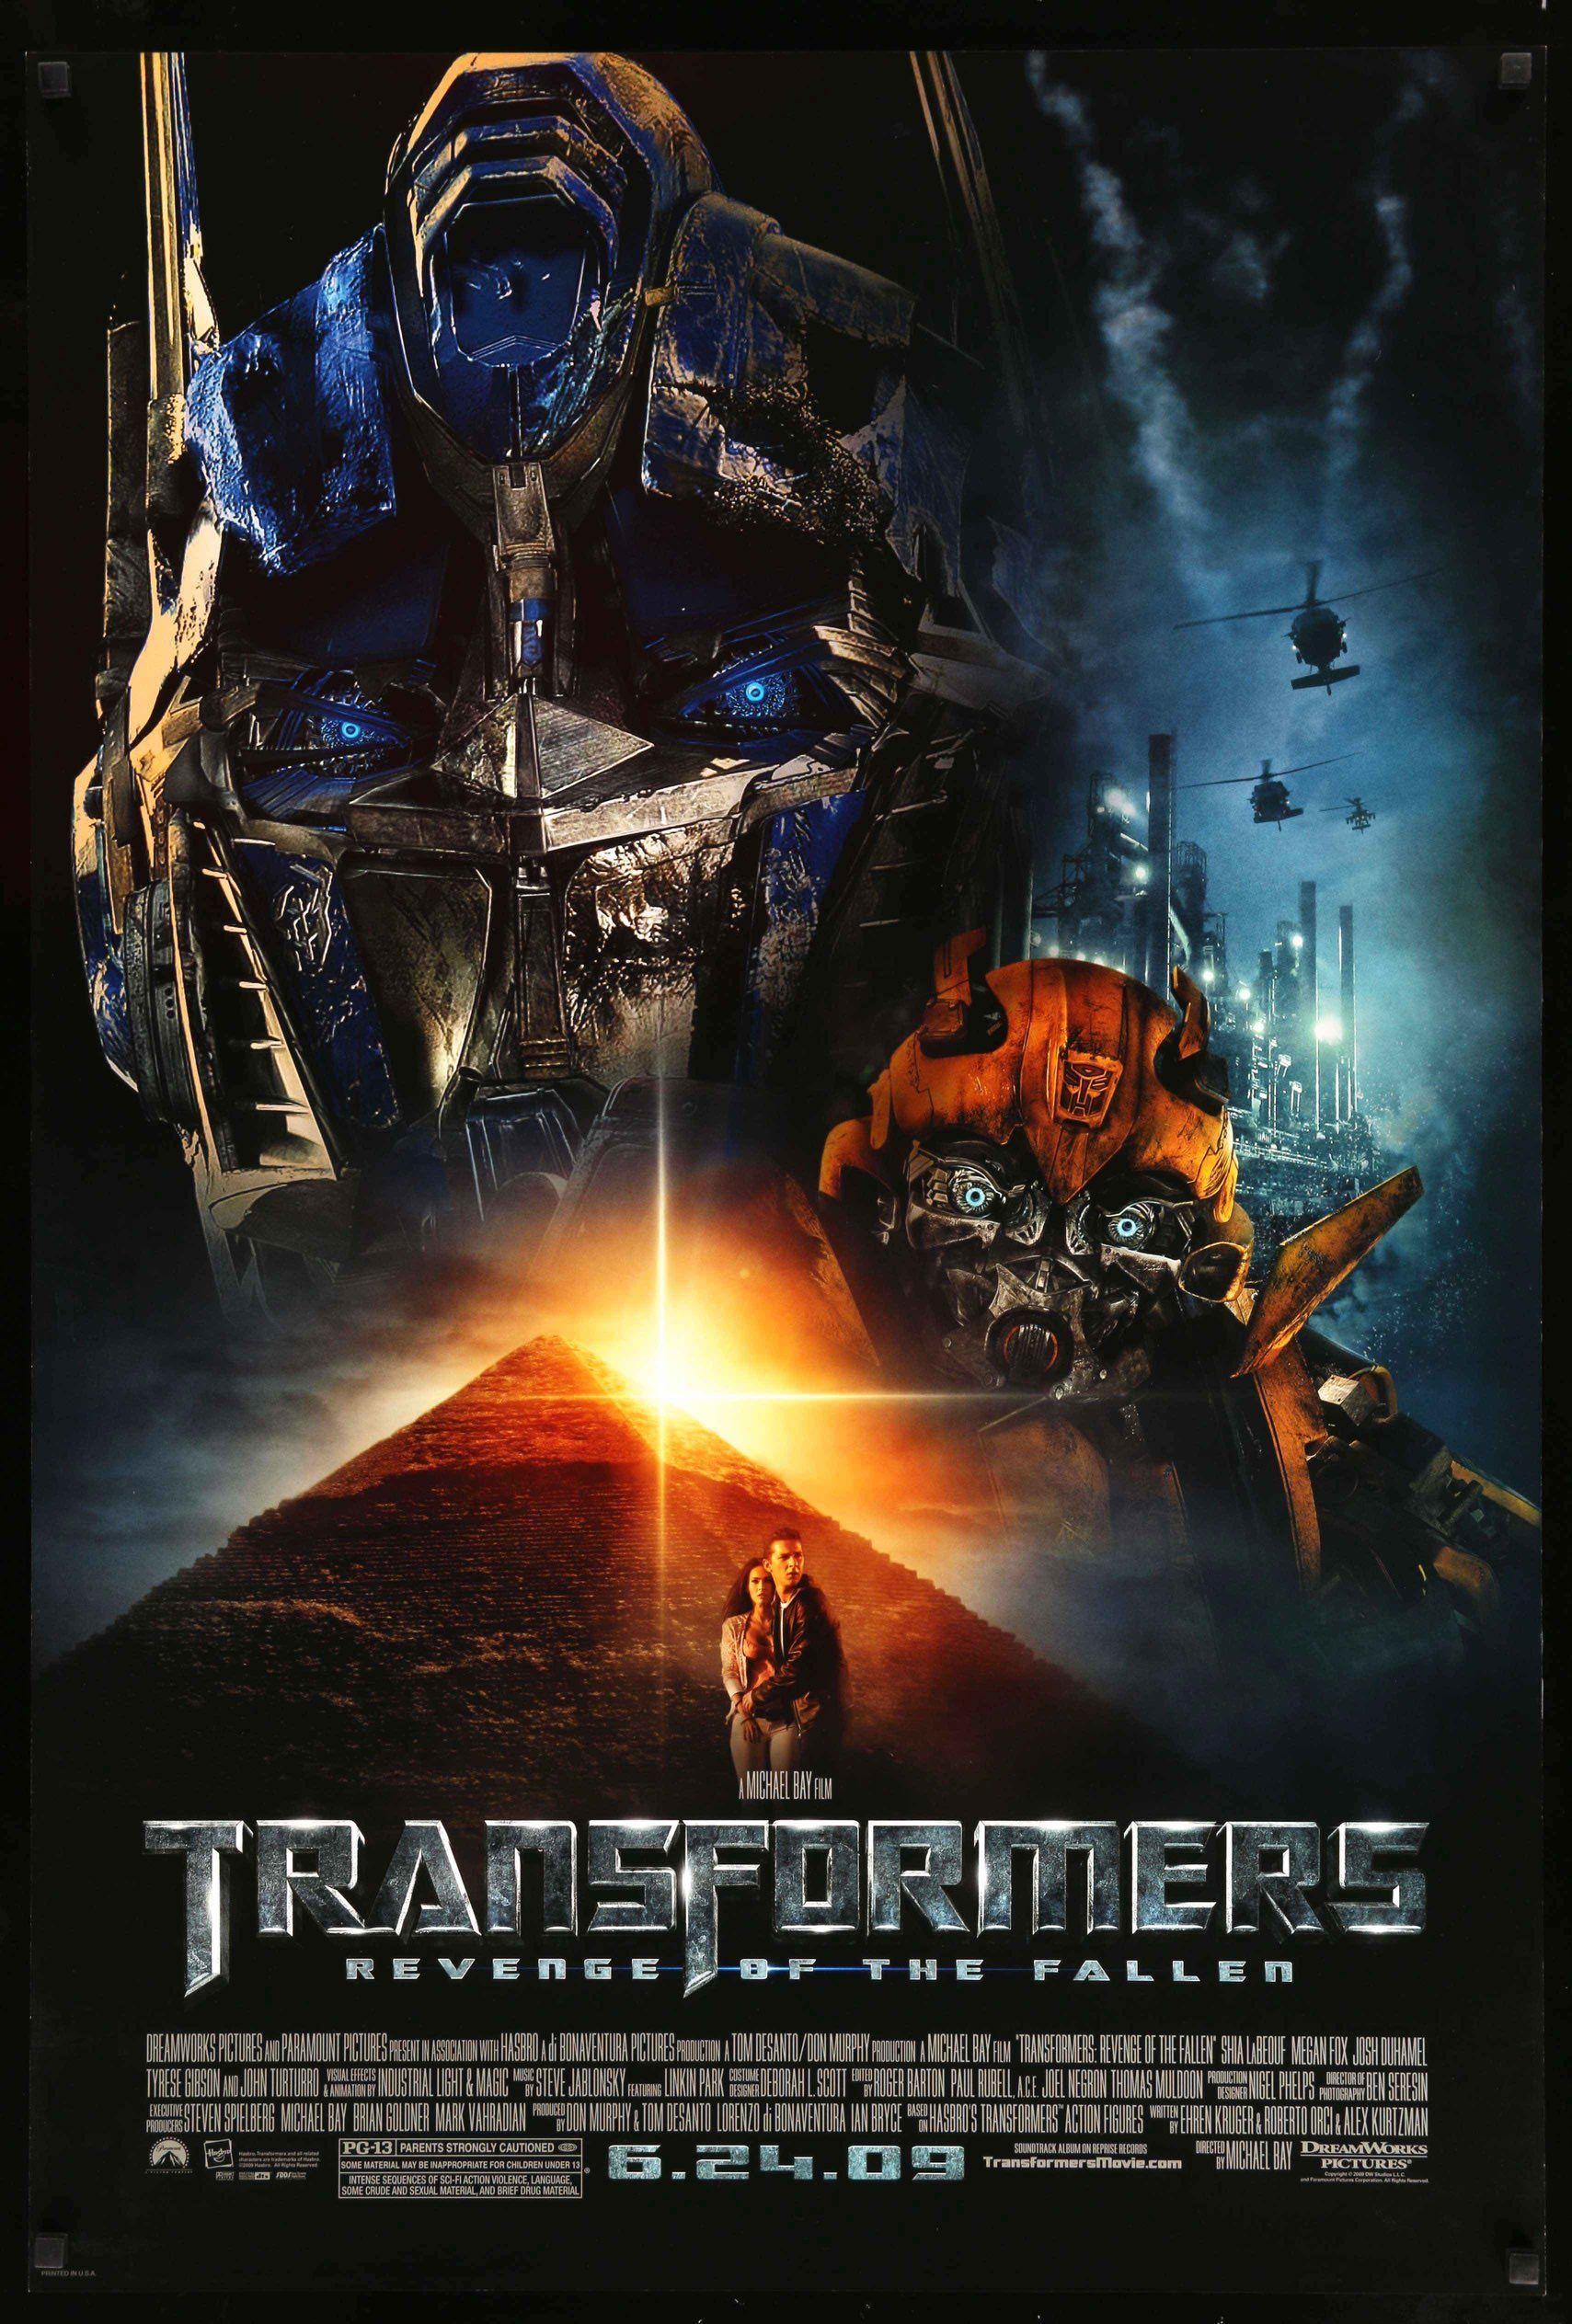 Transformers Revenge Of The Fallen 2009 In 2021 Revenge Of The Fallen Transformers Movie Transformers